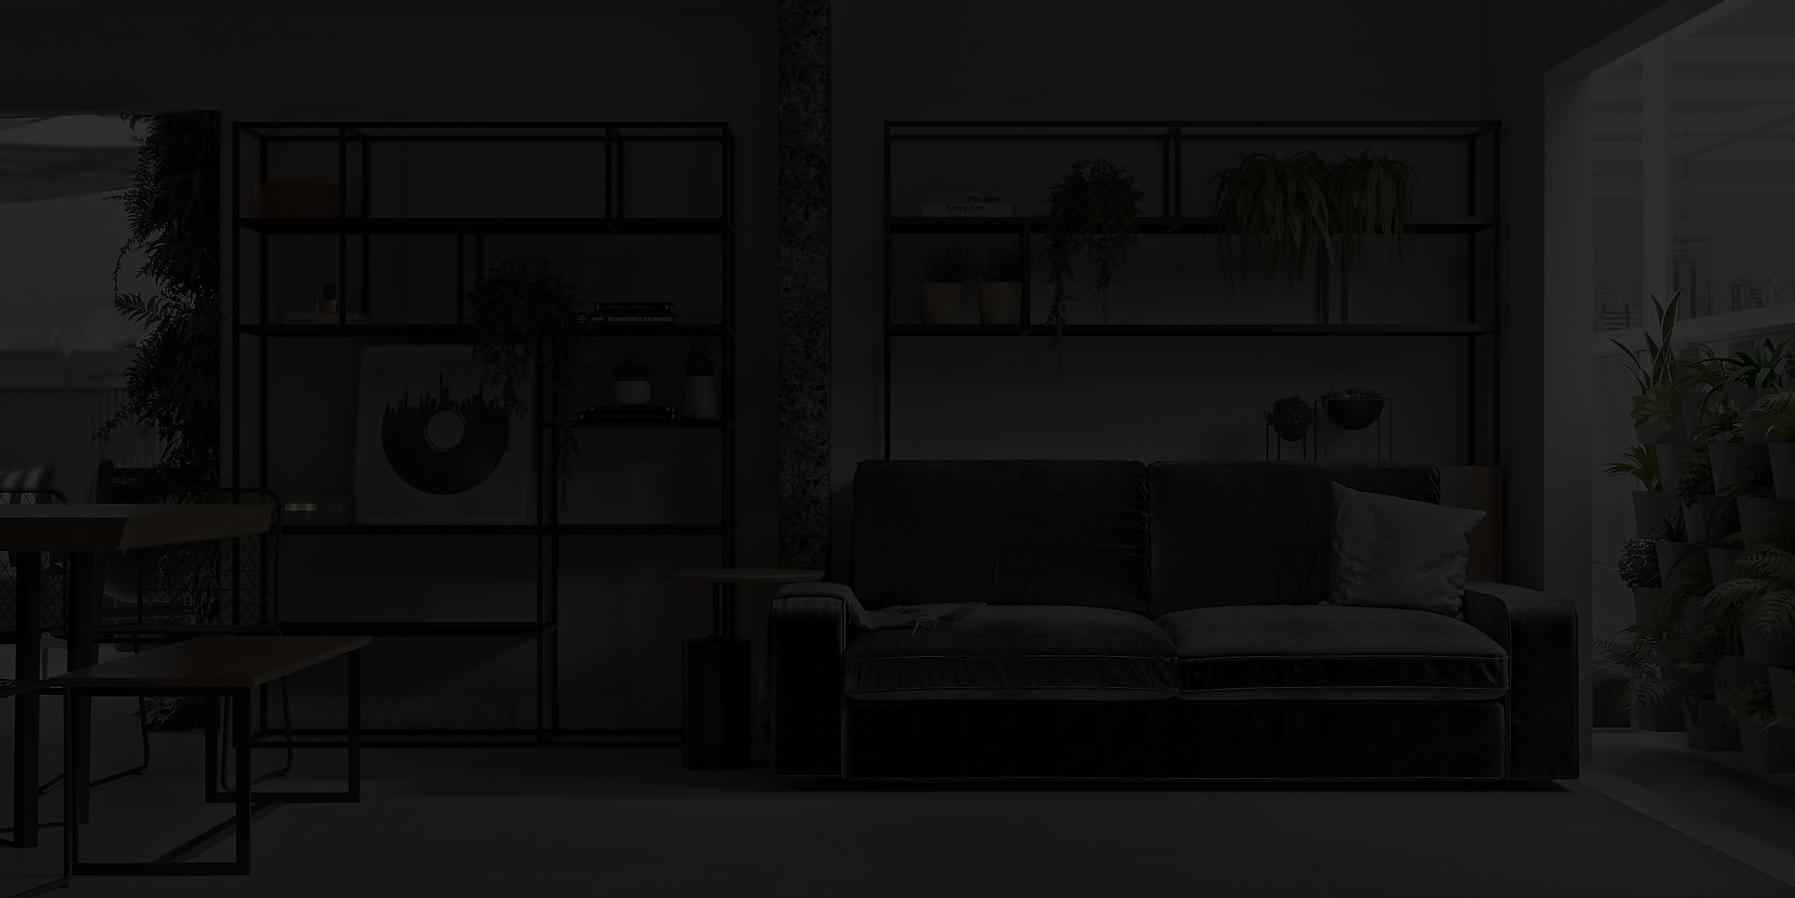 SALA_01_transp black.png